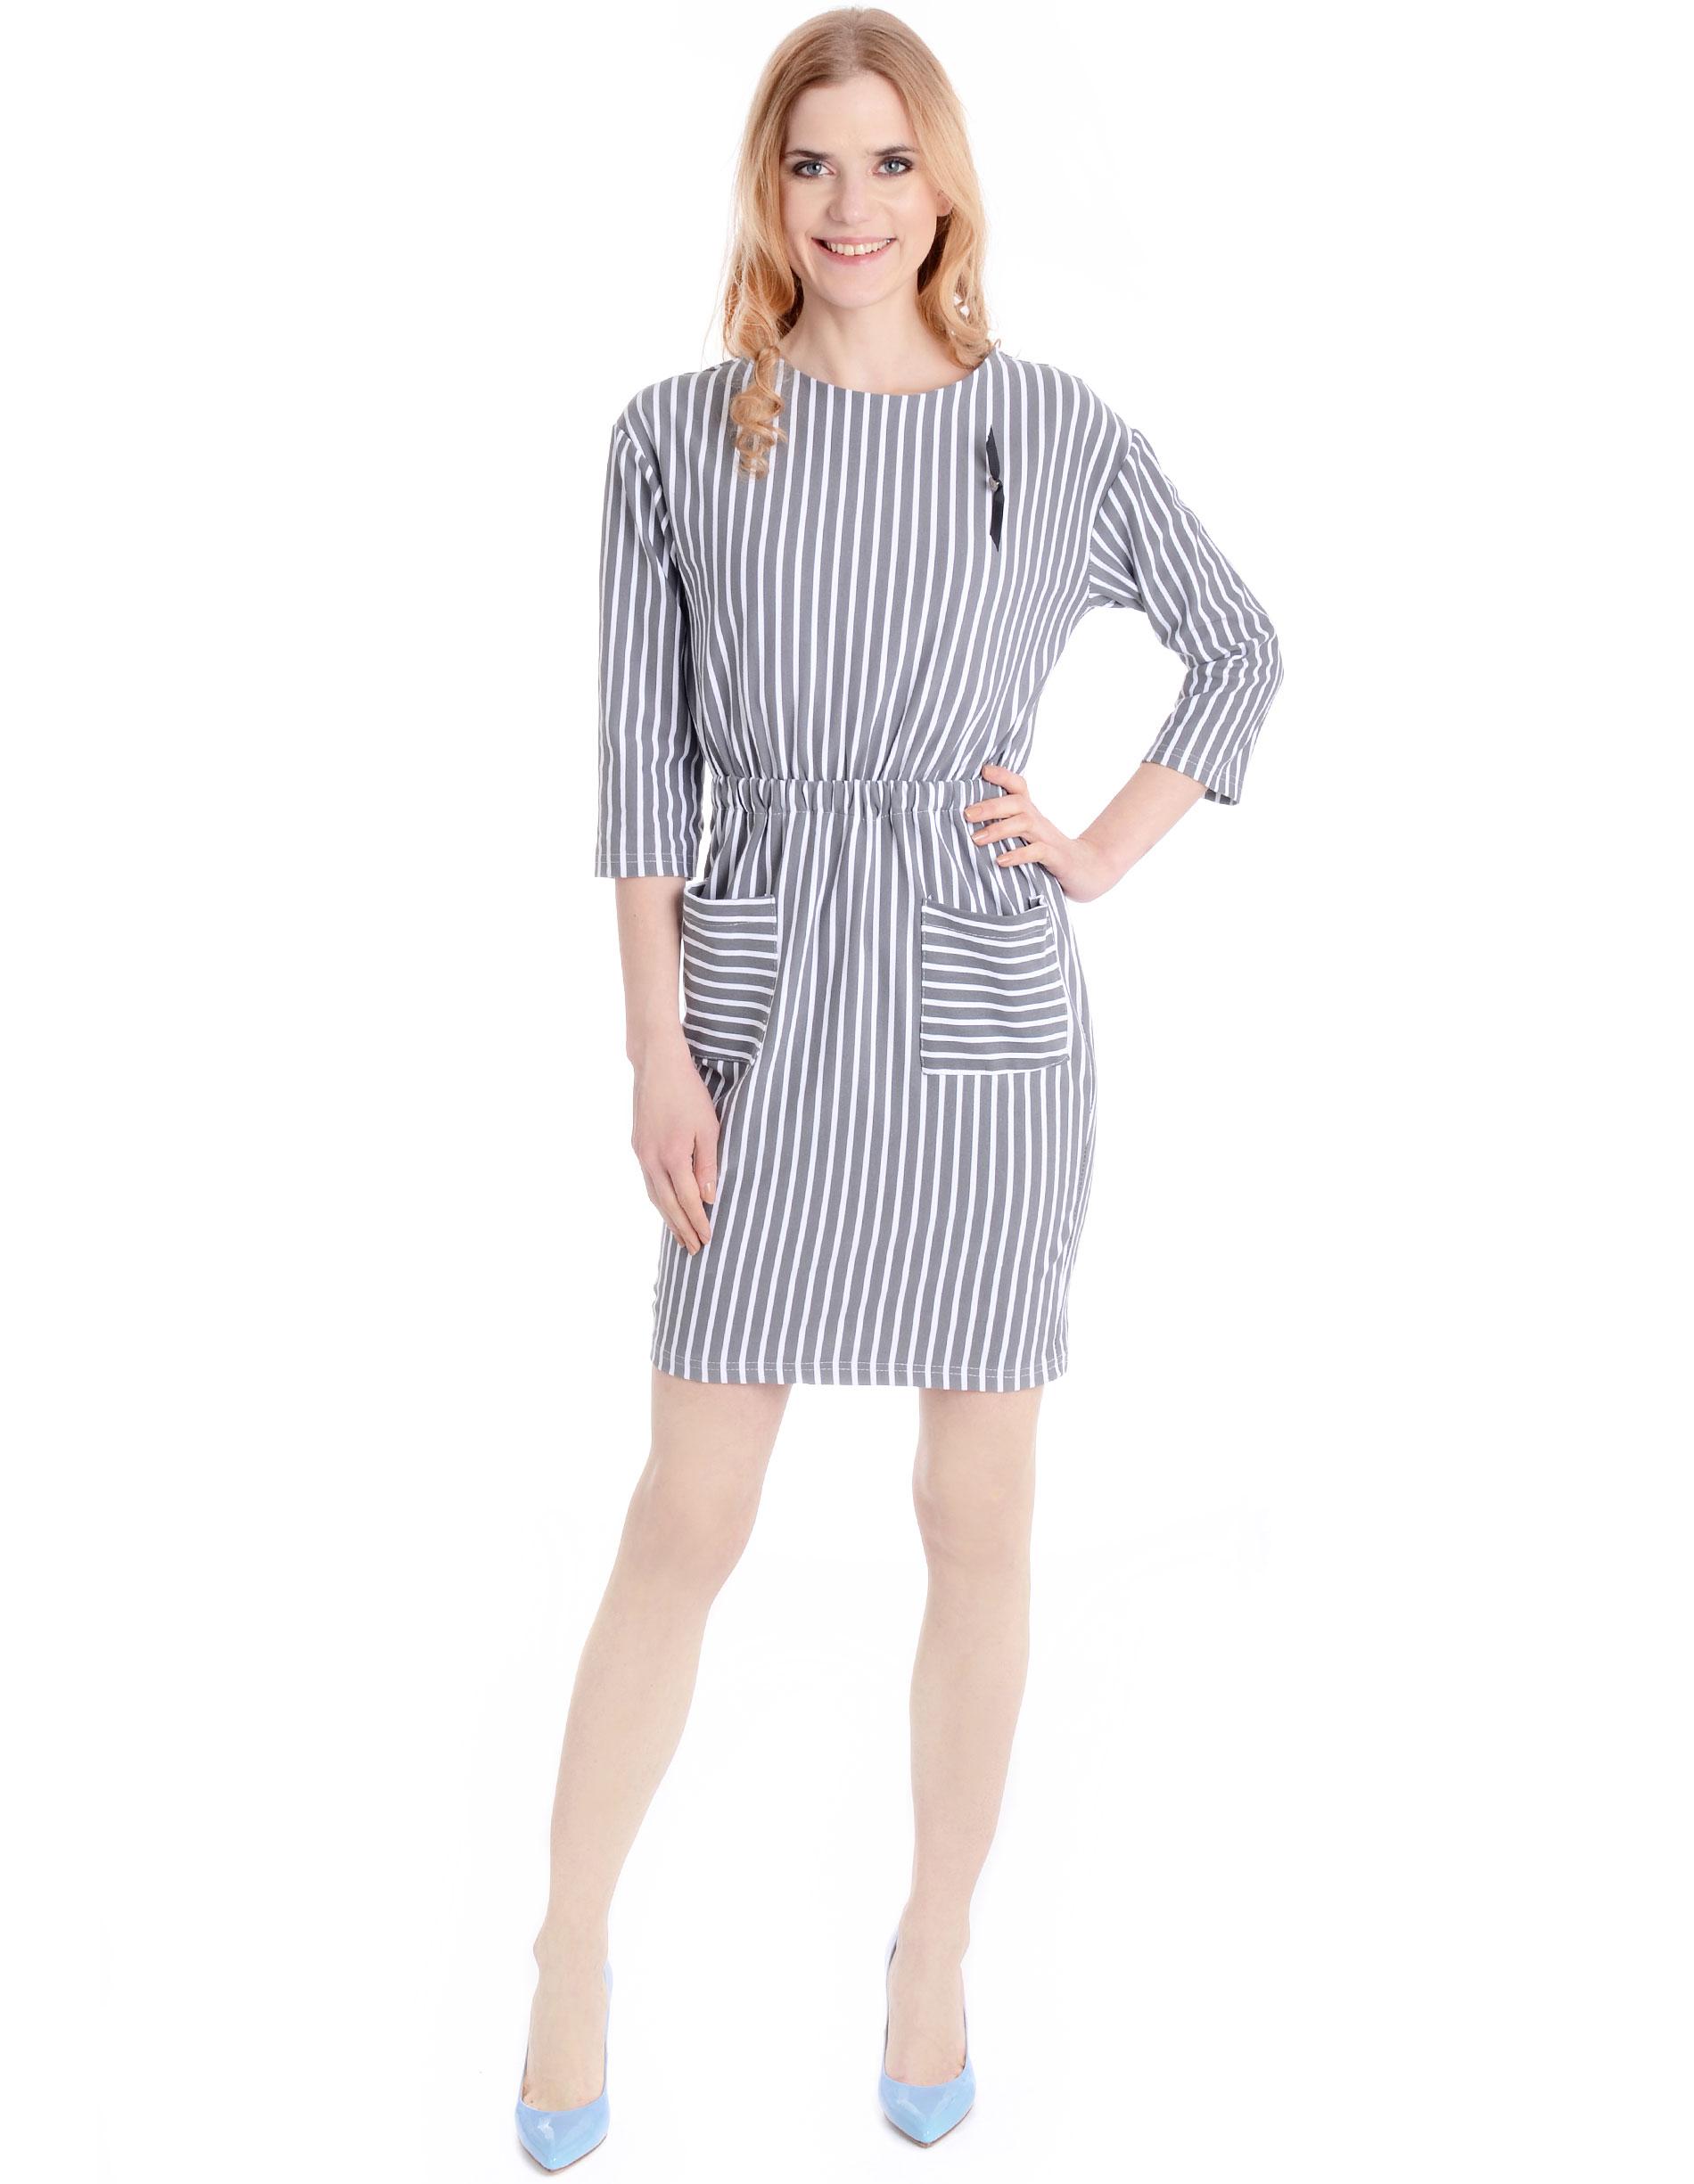 Sukienka - 90-6575 BI-GR - Unisono